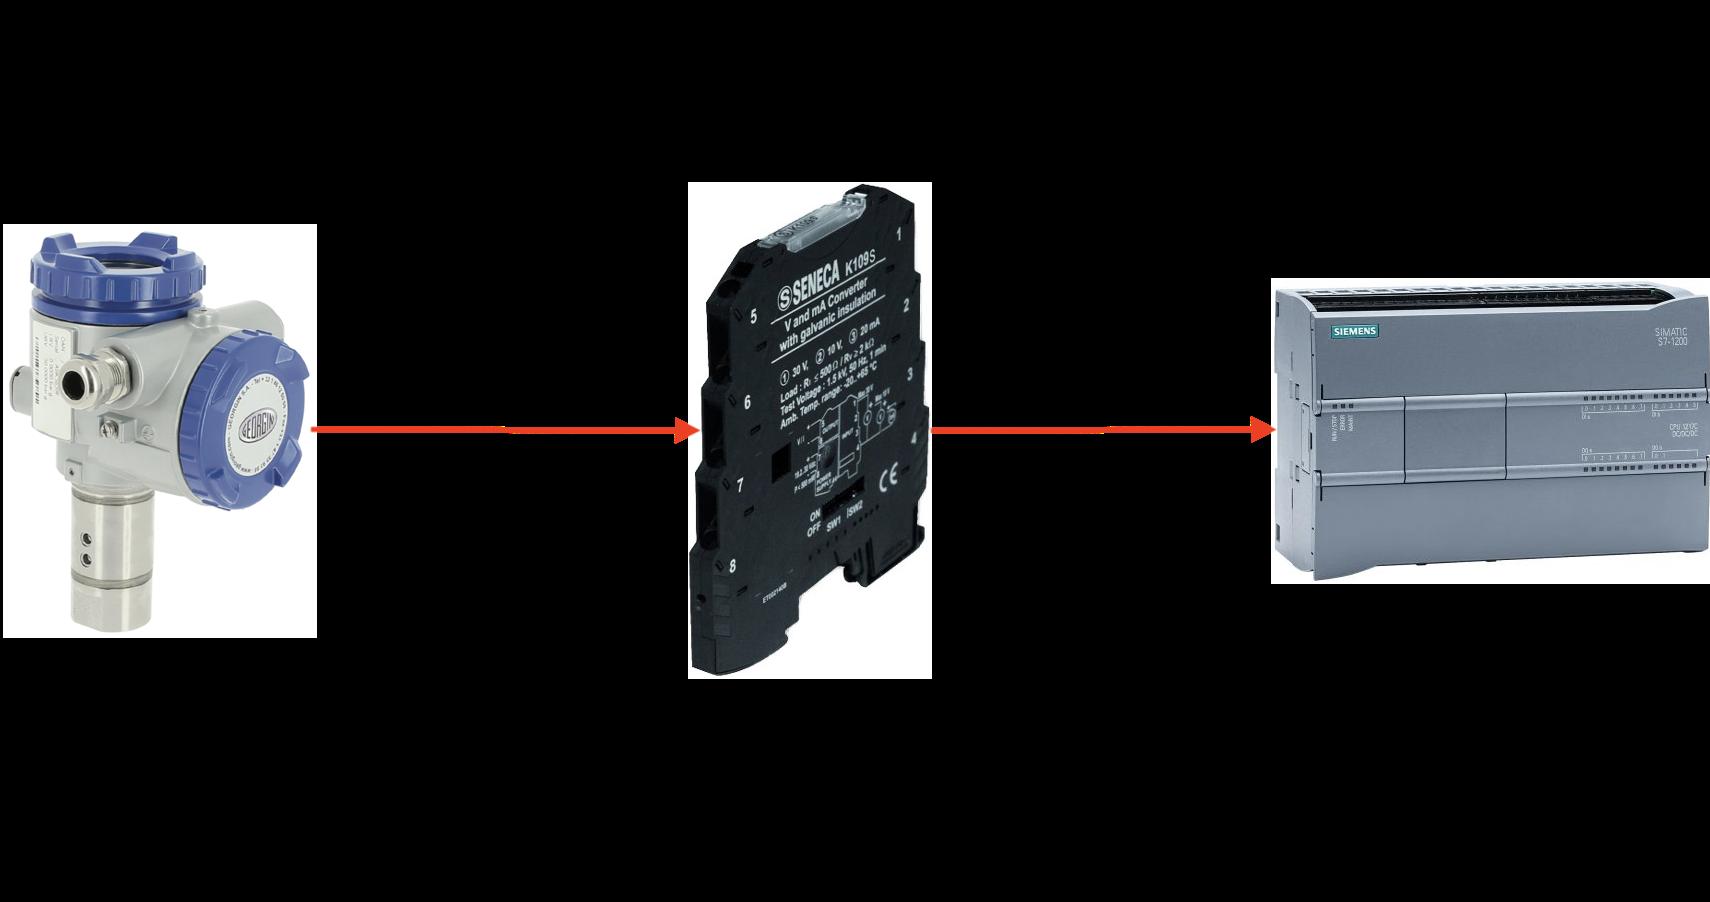 bộ khuếch đại tín hiệu 4-20mA Seneca K109S